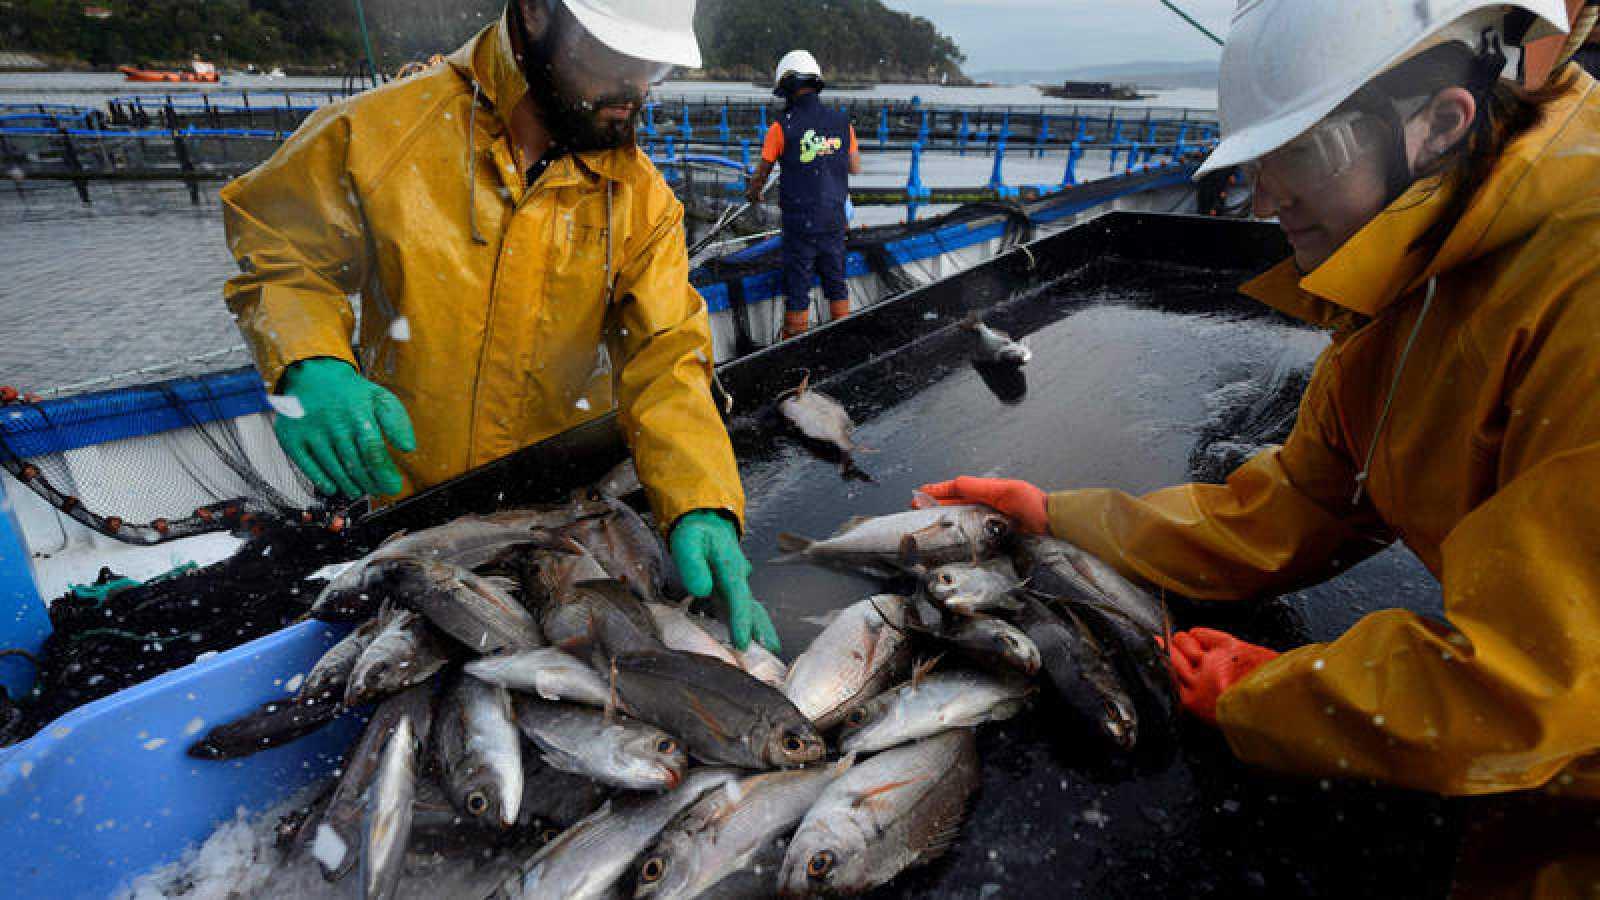 Trabajadores de una granja marina